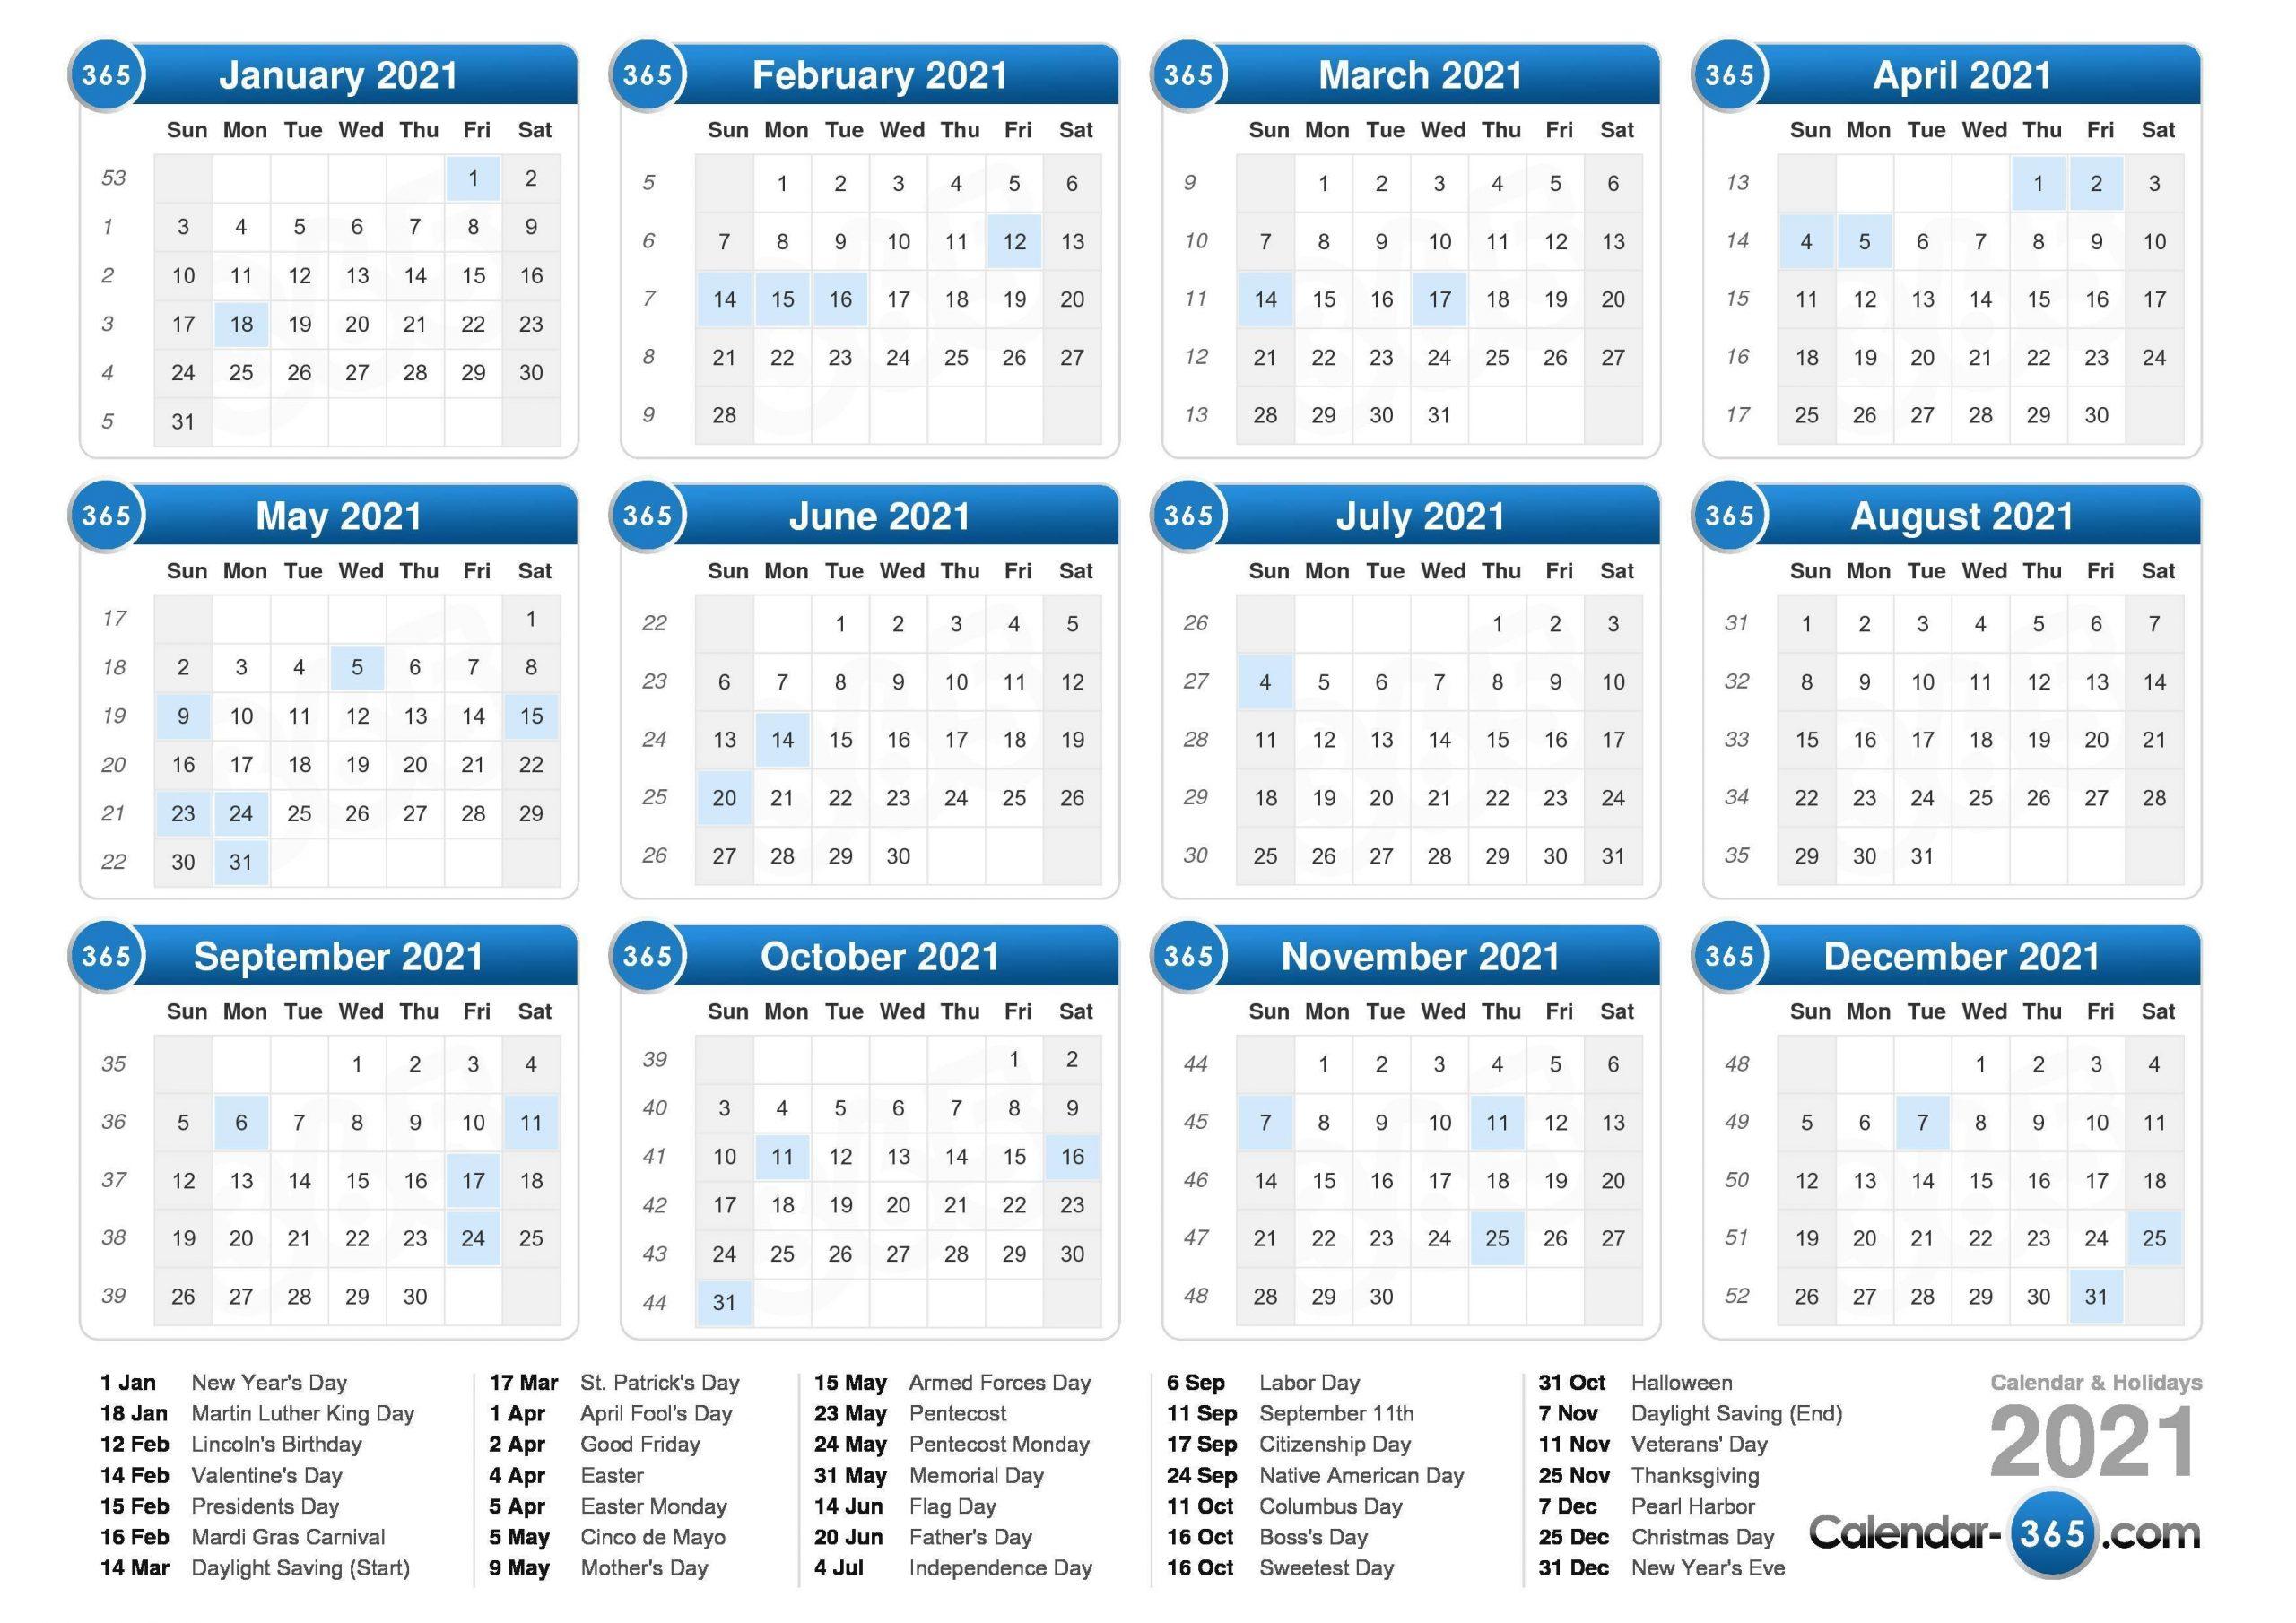 2021 Calendar 2 Week Calendar March